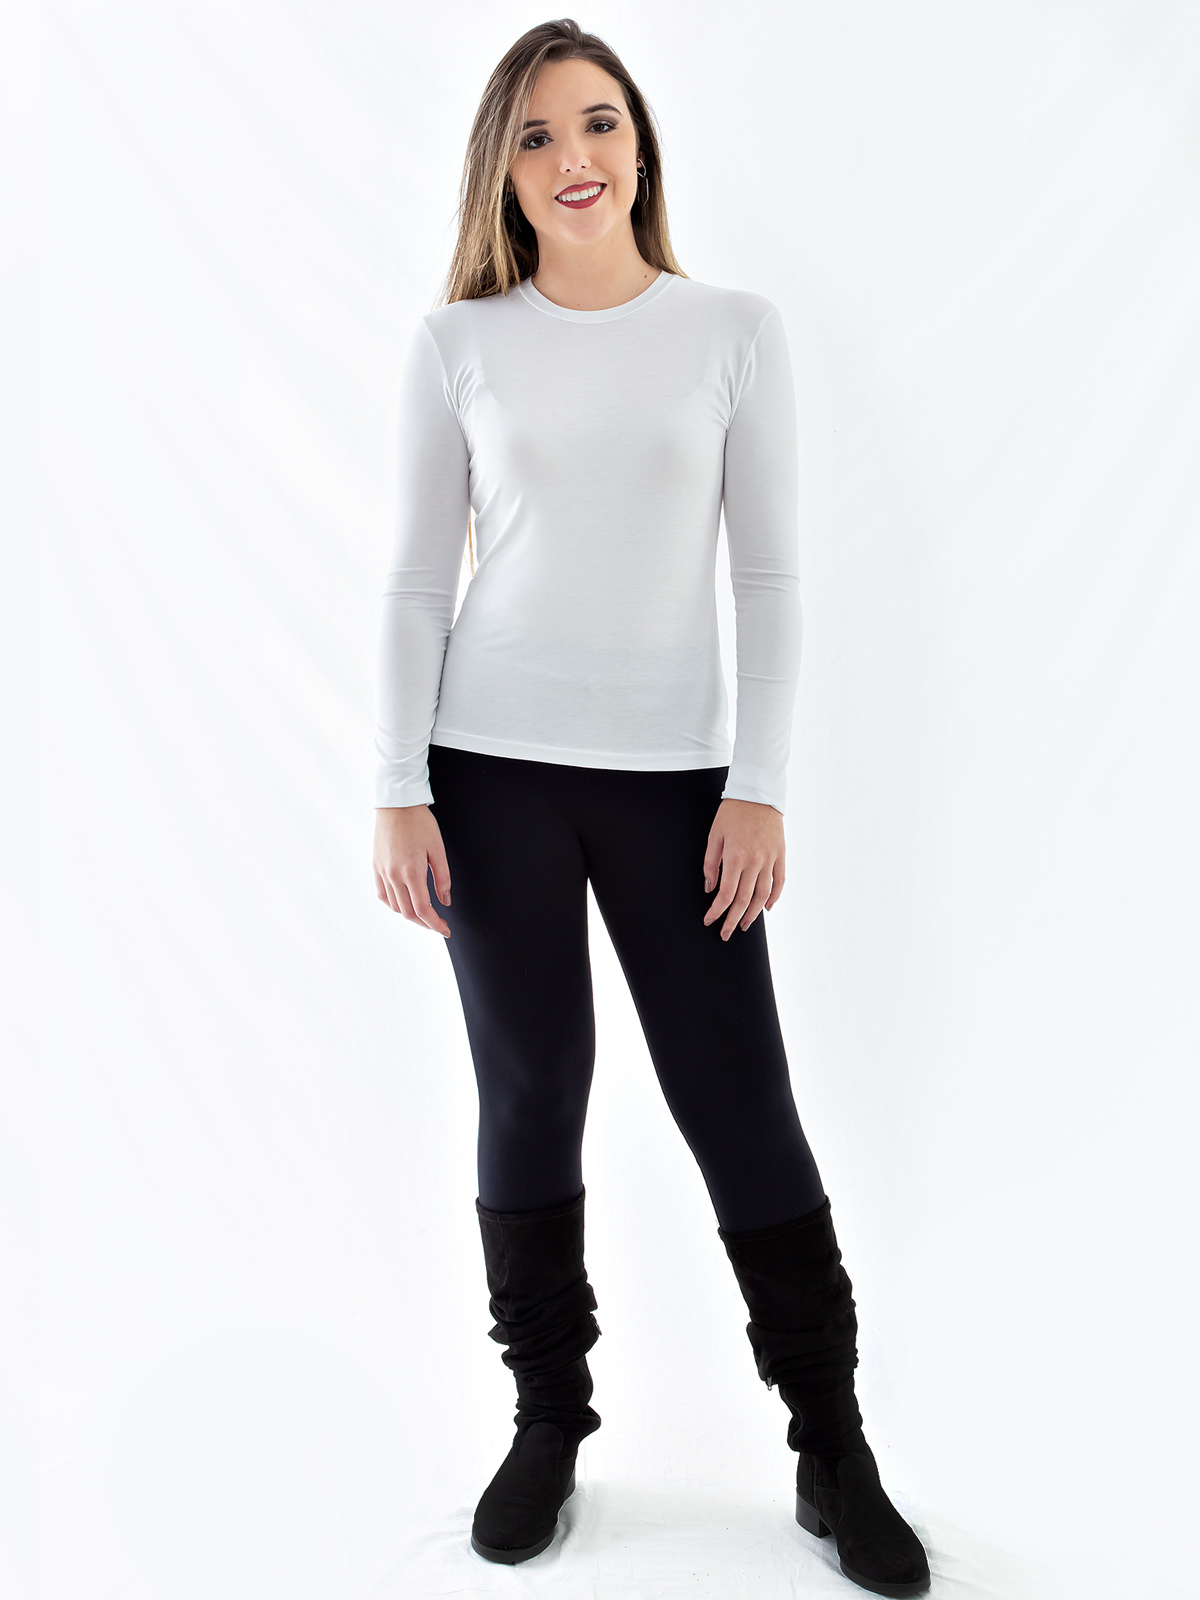 Blusa Feminina de Visco Gola Careca Básica Manga Longa Branca